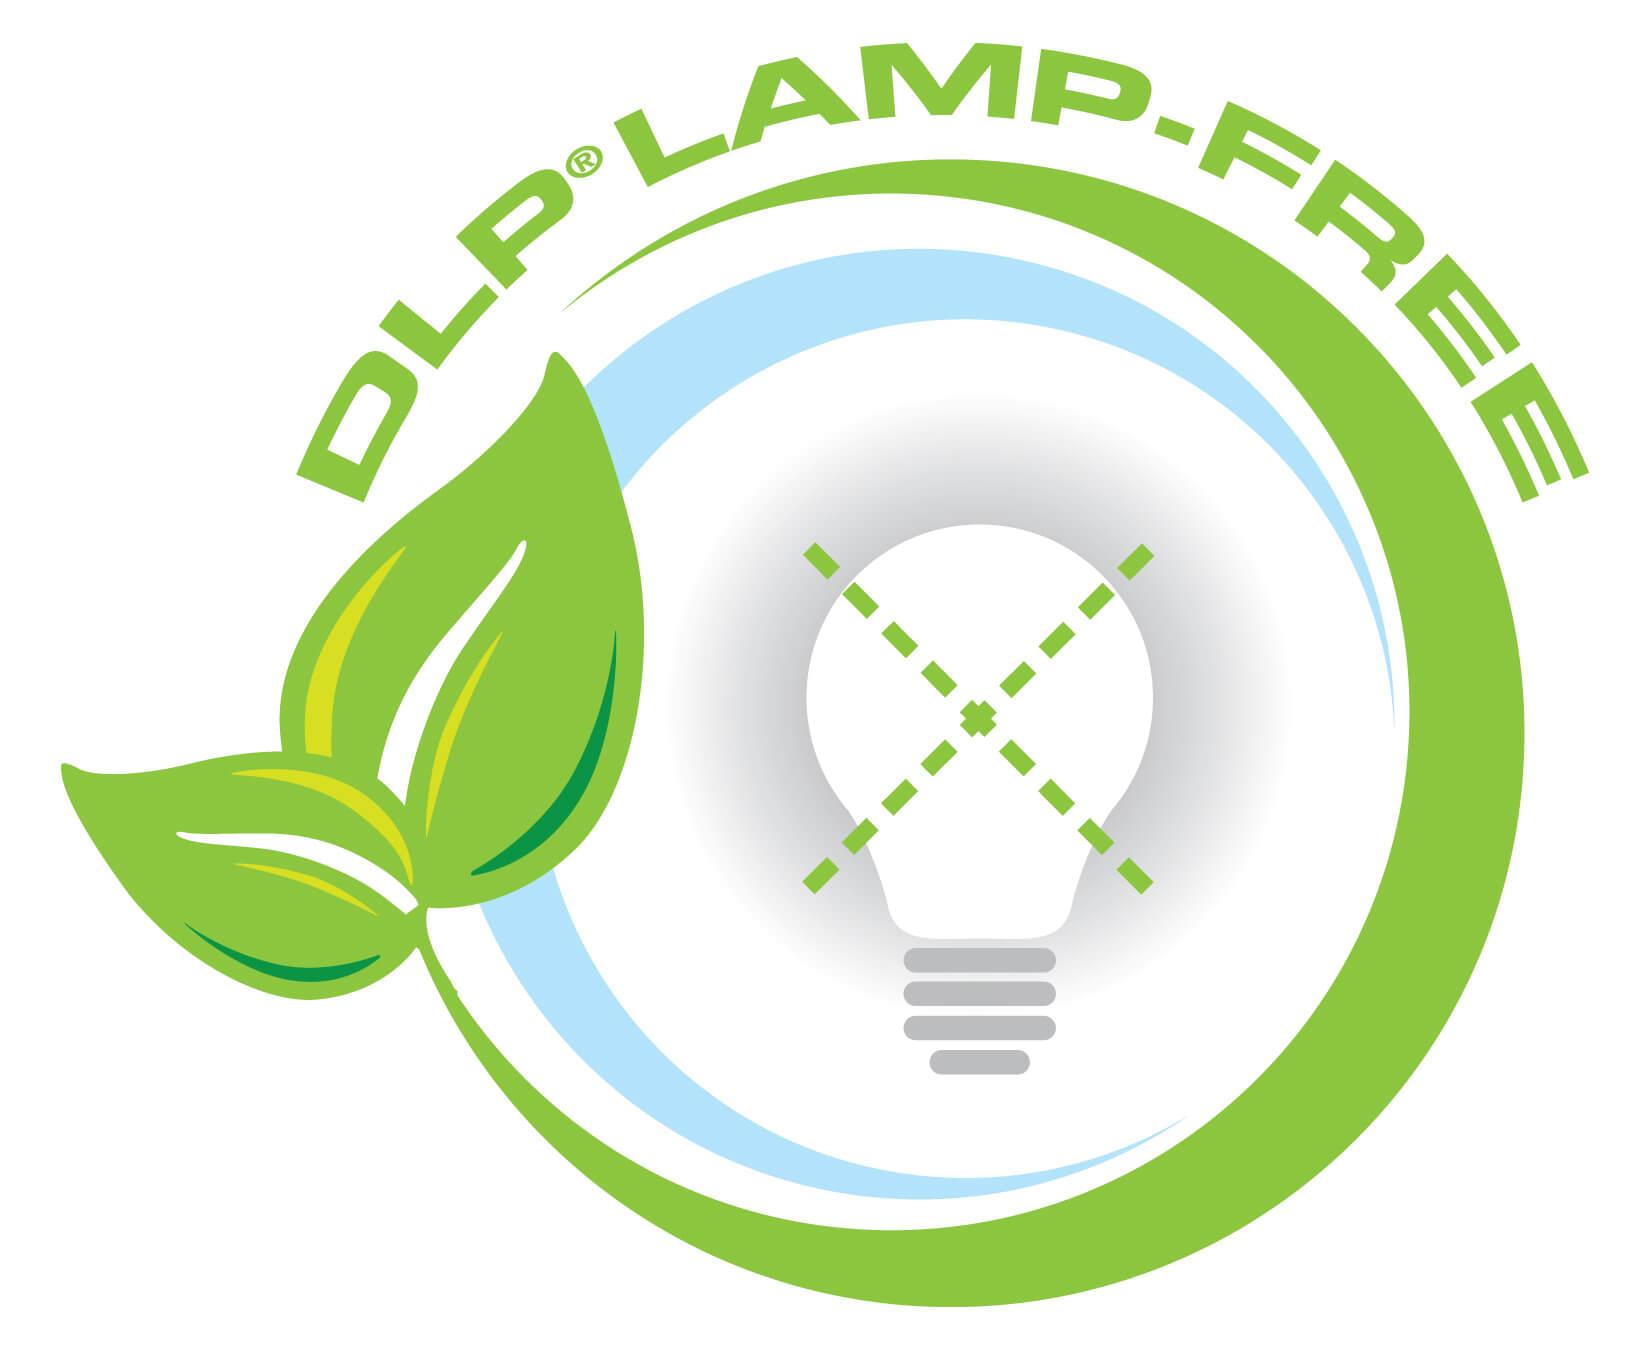 LG DLP Lamp Free Icon - Geha steigt aus dem Präsentationsbereich aus